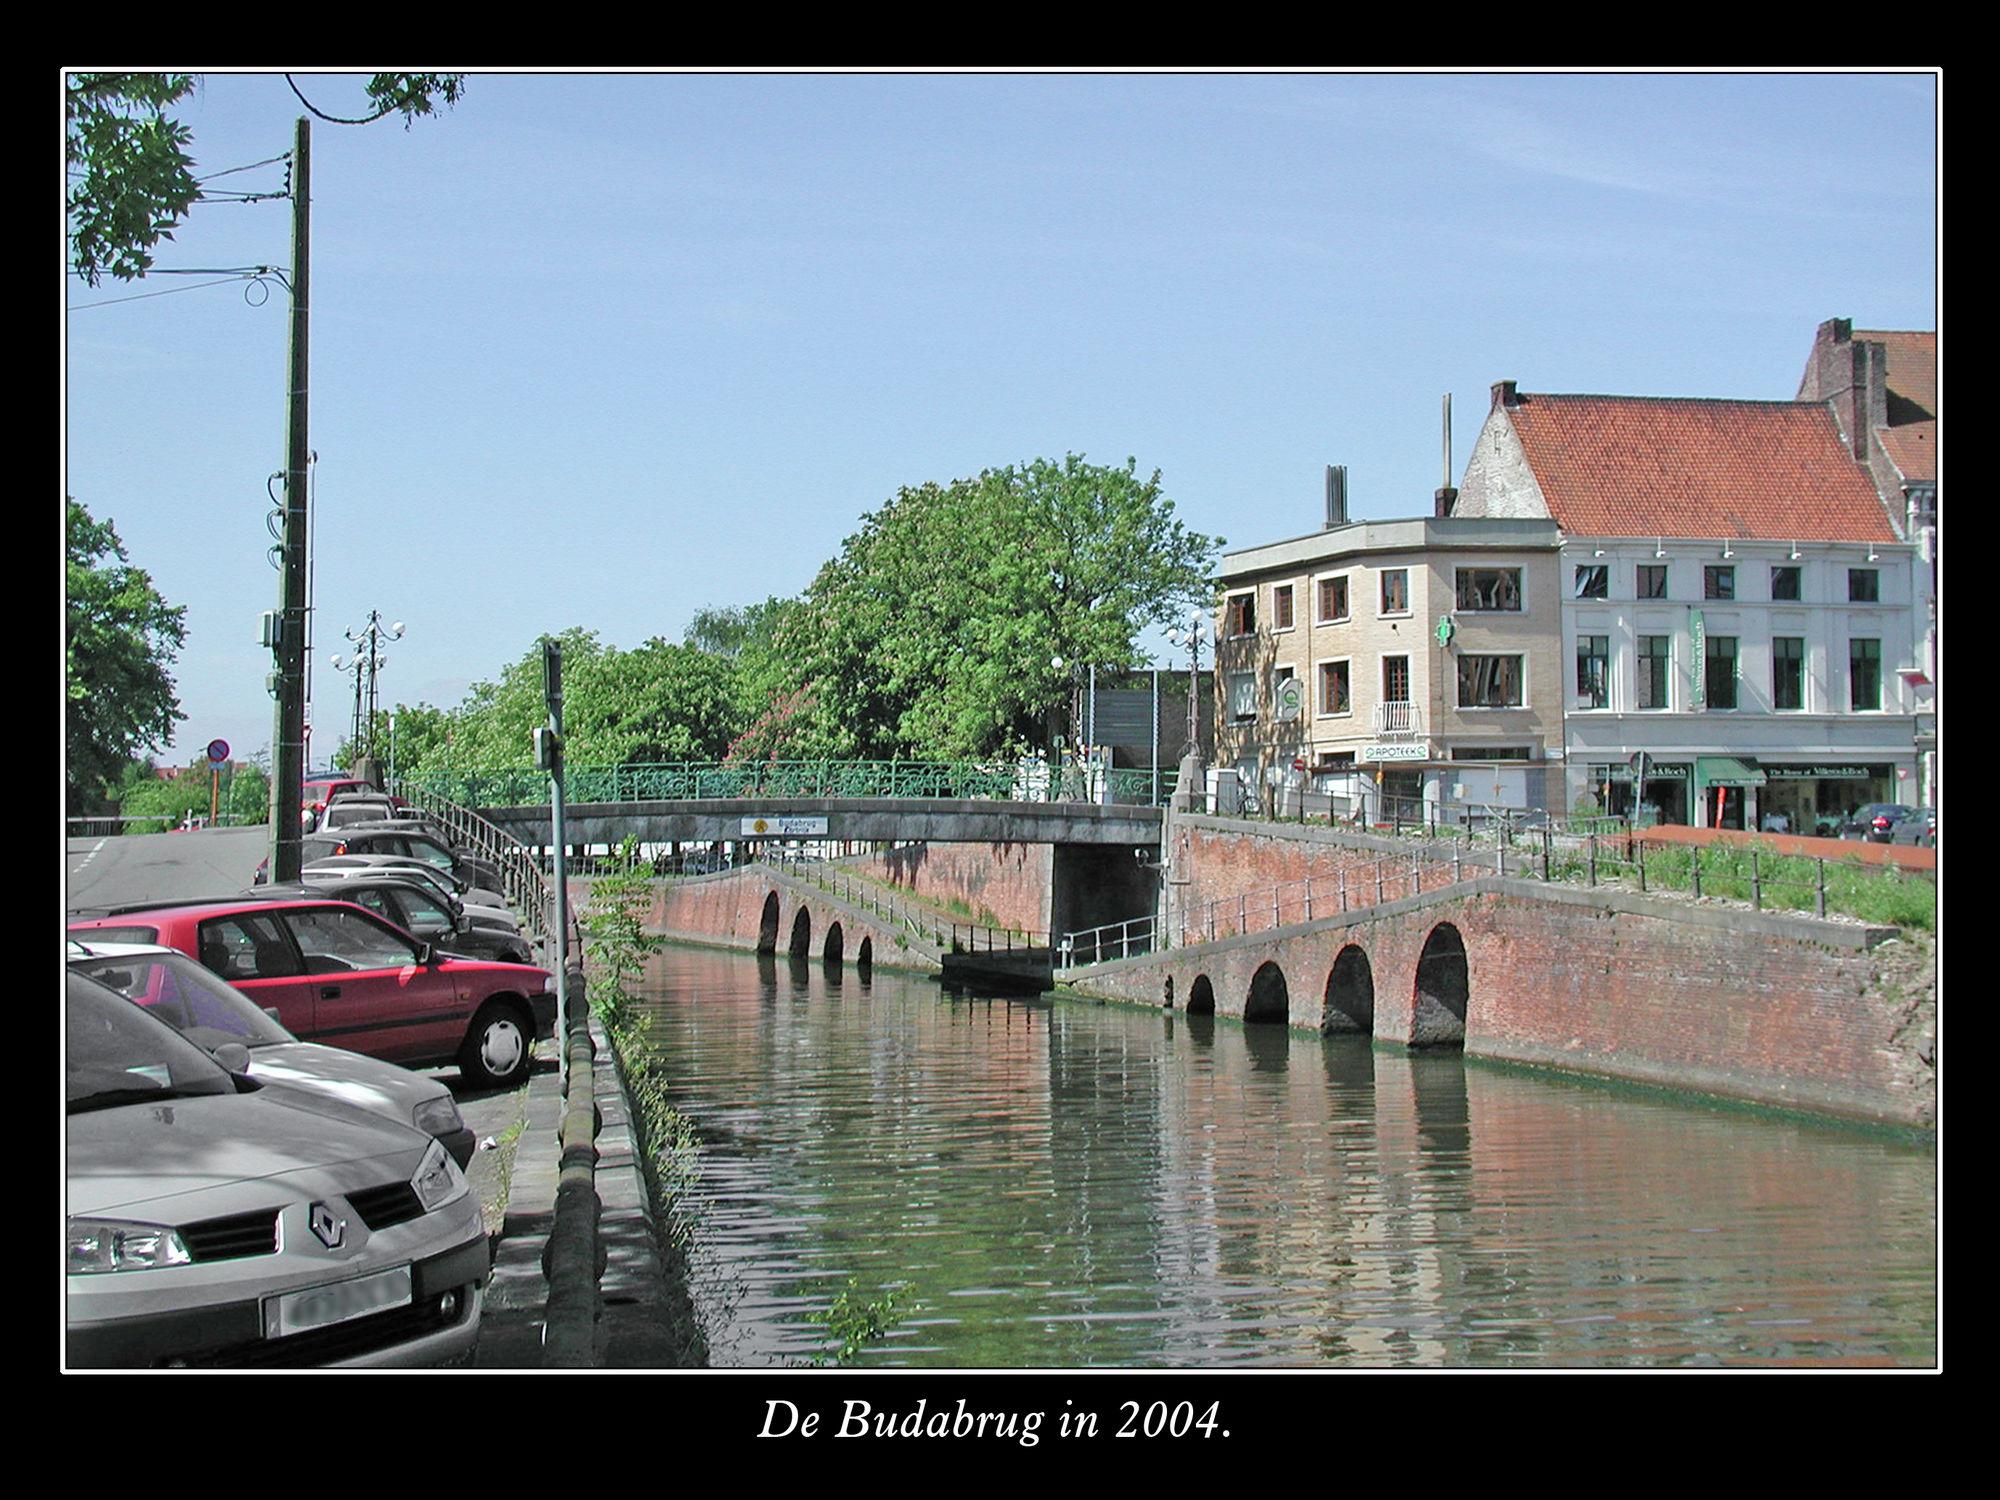 Budabrug